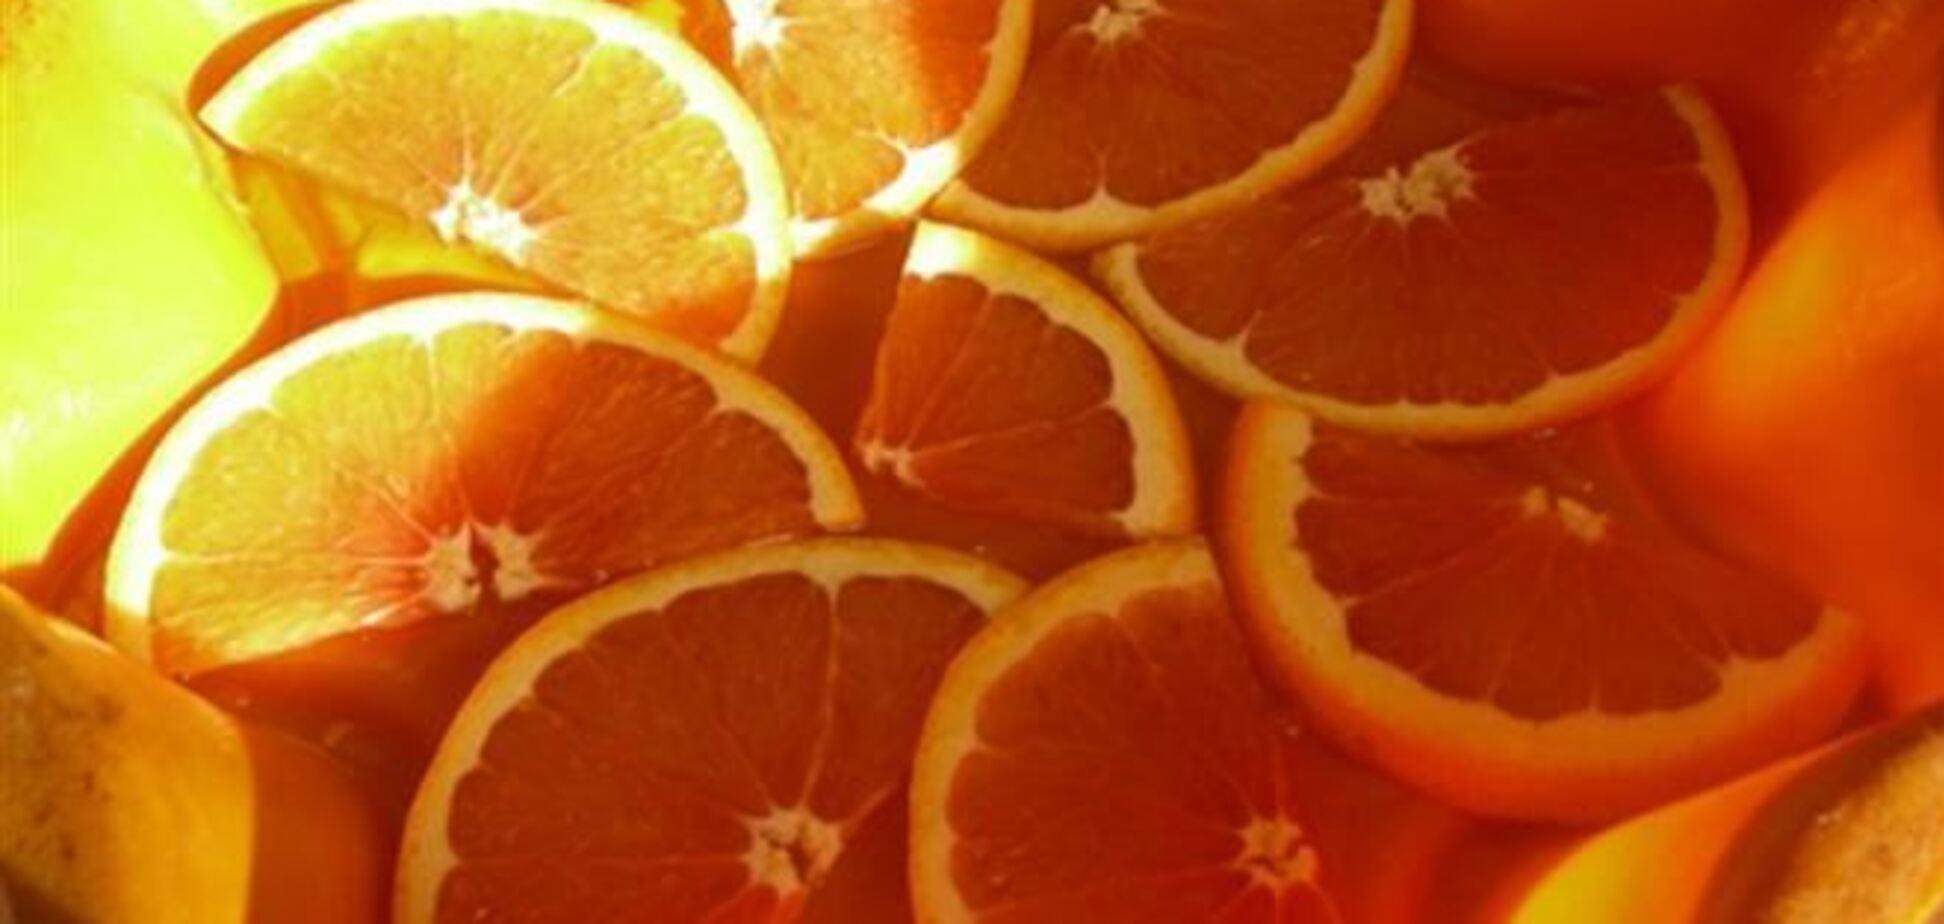 Апельсины могут быть опасны для здоровья женщин